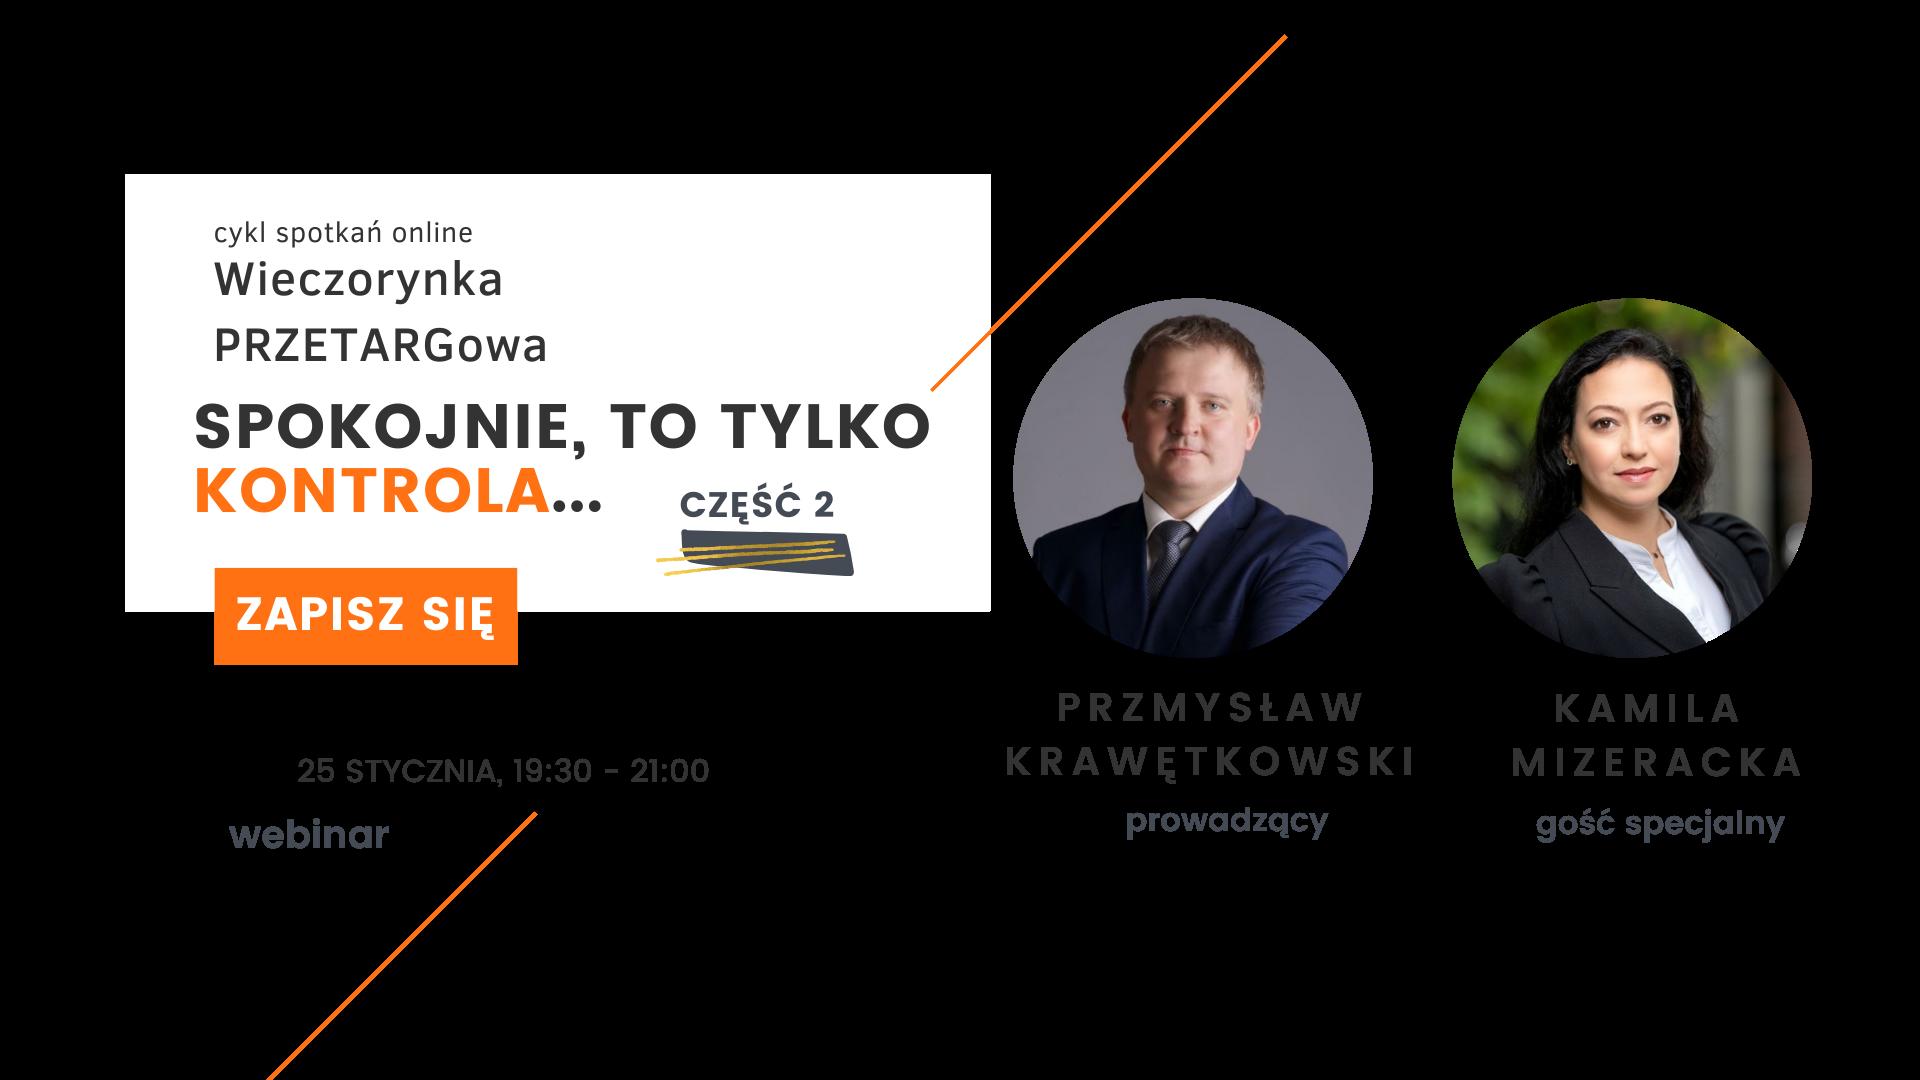 Część 2 Wieczorynka PRZETARGowa.pl z Przemkiem Krawętkowskim (1)